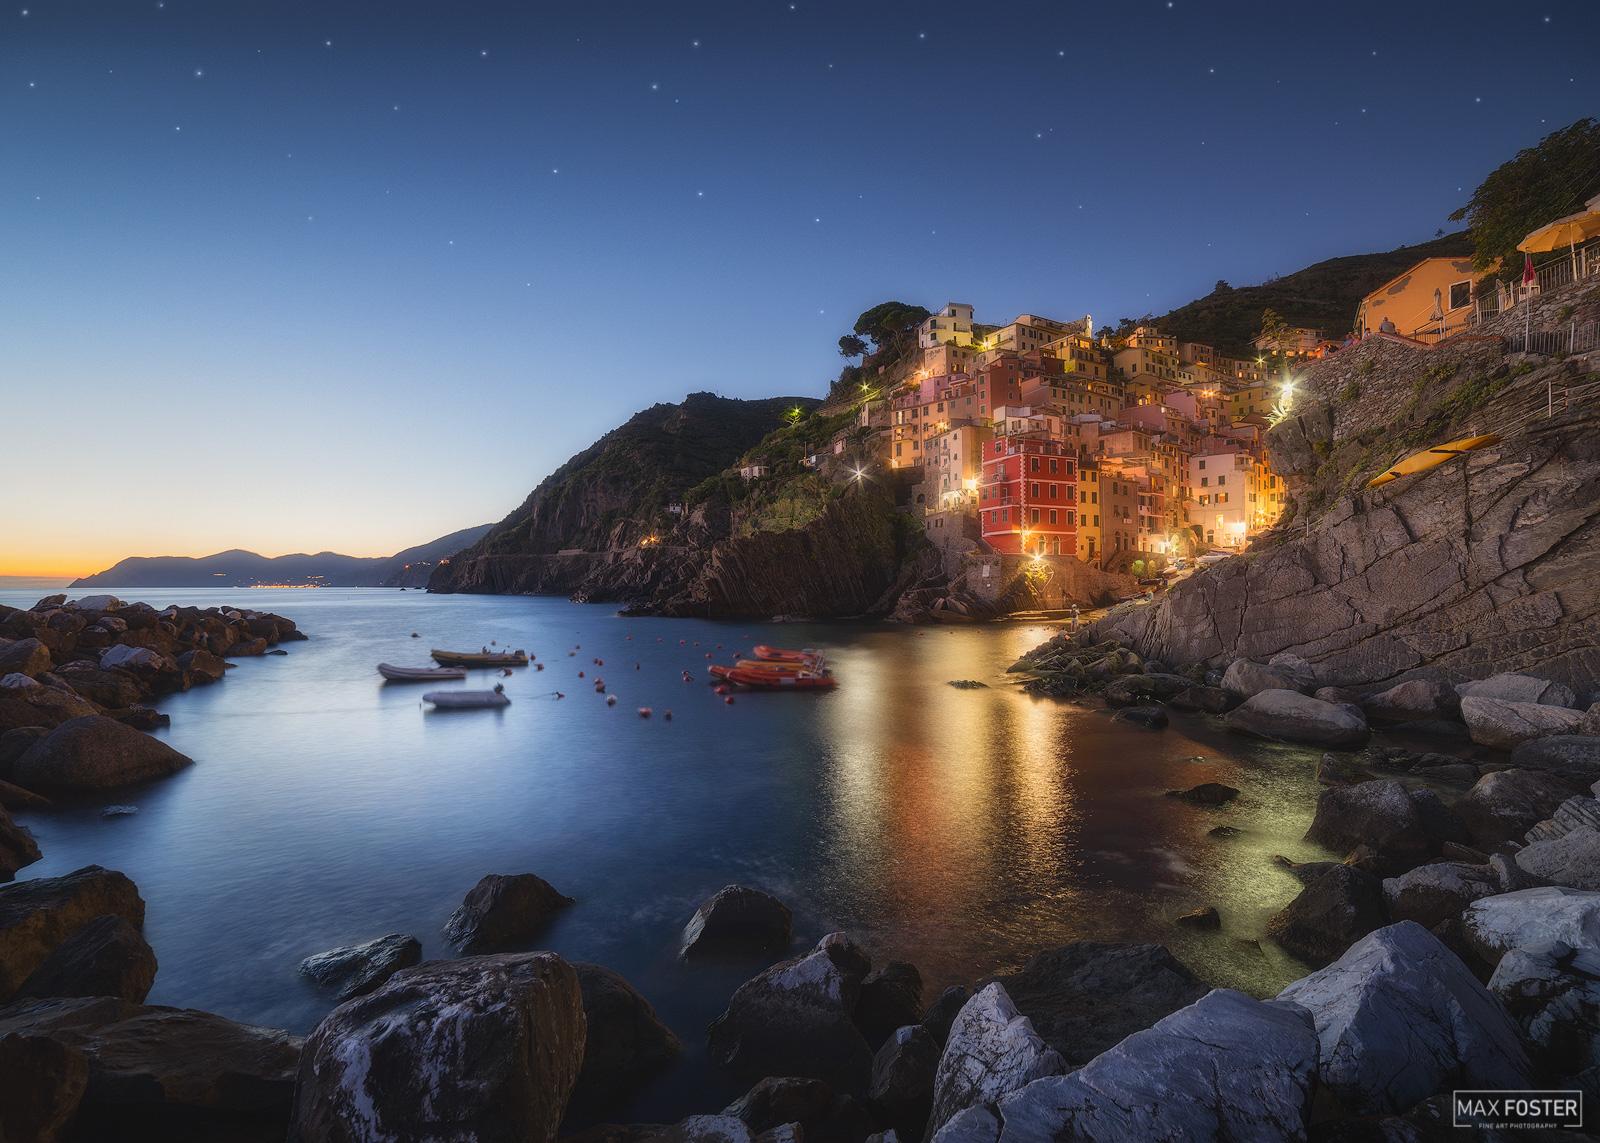 Riomaggiore, Cinque Terre, Italy, Evening Calm, Evening, Calm, La Spezia, Mediterranean, Village, Liguria, La Spezia, Riviera, photo